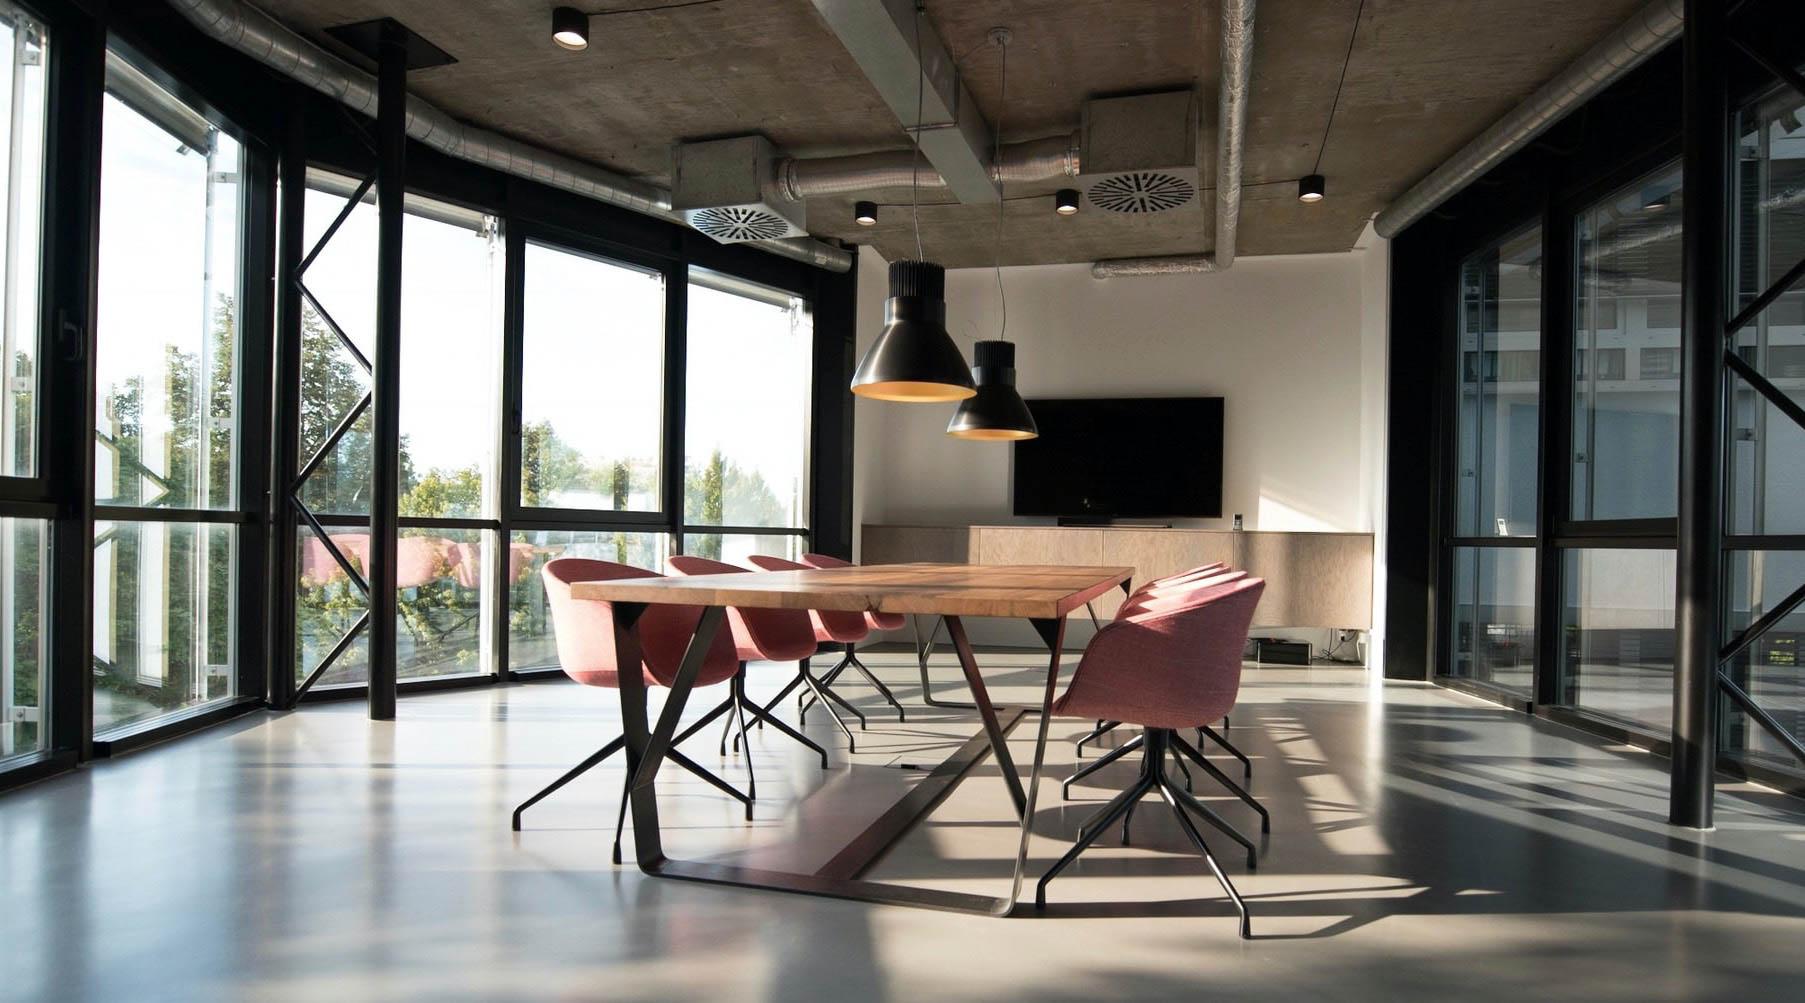 aménagement de bureau Lyon, aménagement espace de travail Lyon, agencement de bureau Lyon, agencement espace de travail Lyon (69) ...